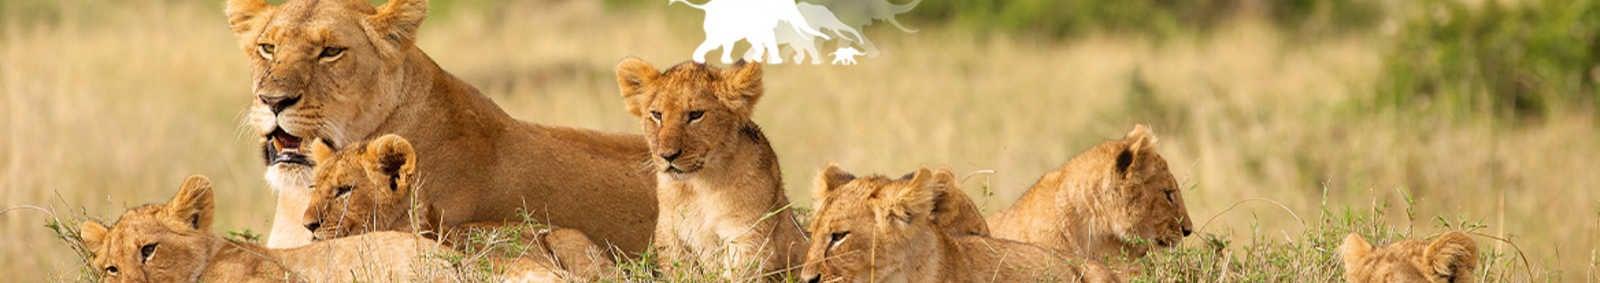 AWF Kenya Safari